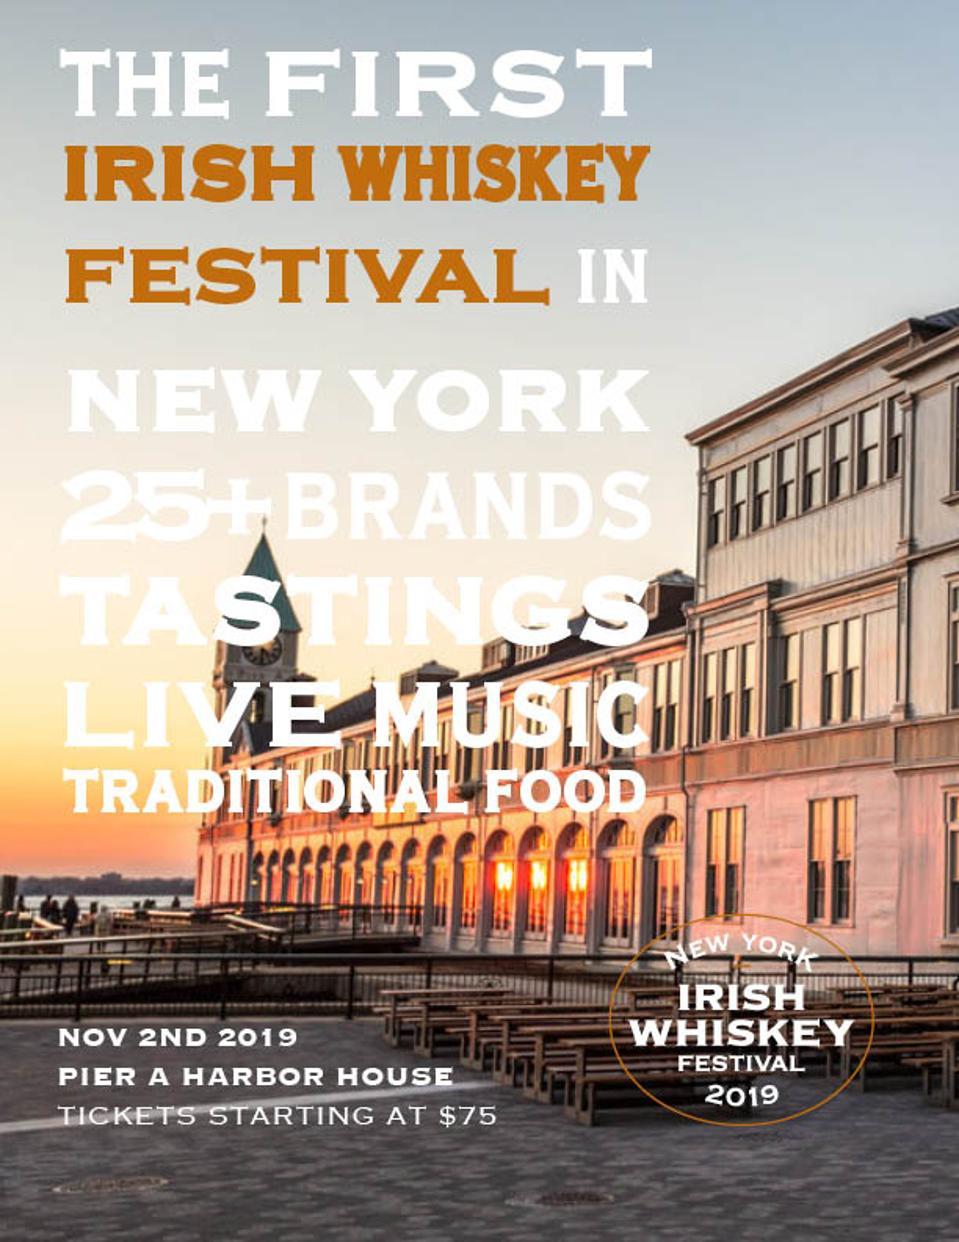 New York  Irish Whiskey Festival Post